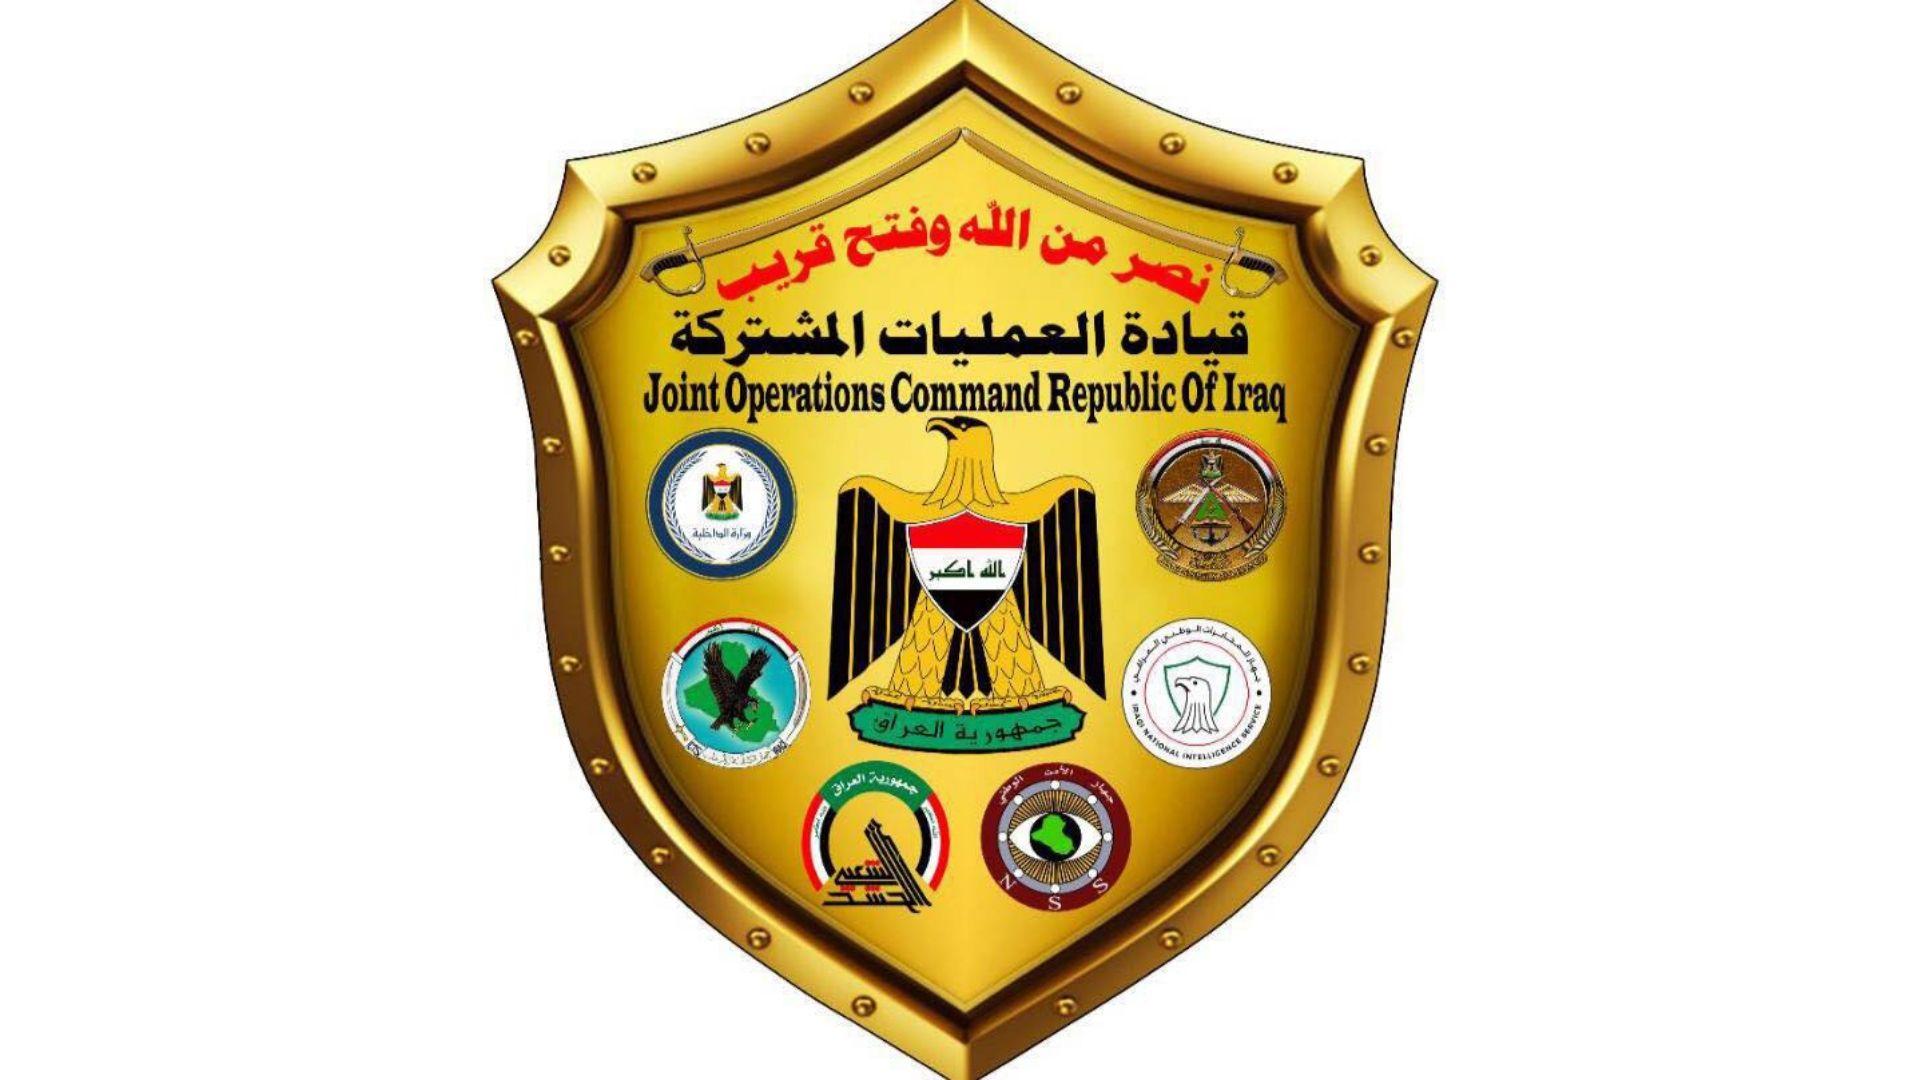 العمليات المشتركة: بغداد آمنة ولا يوجد أي تهديد لها